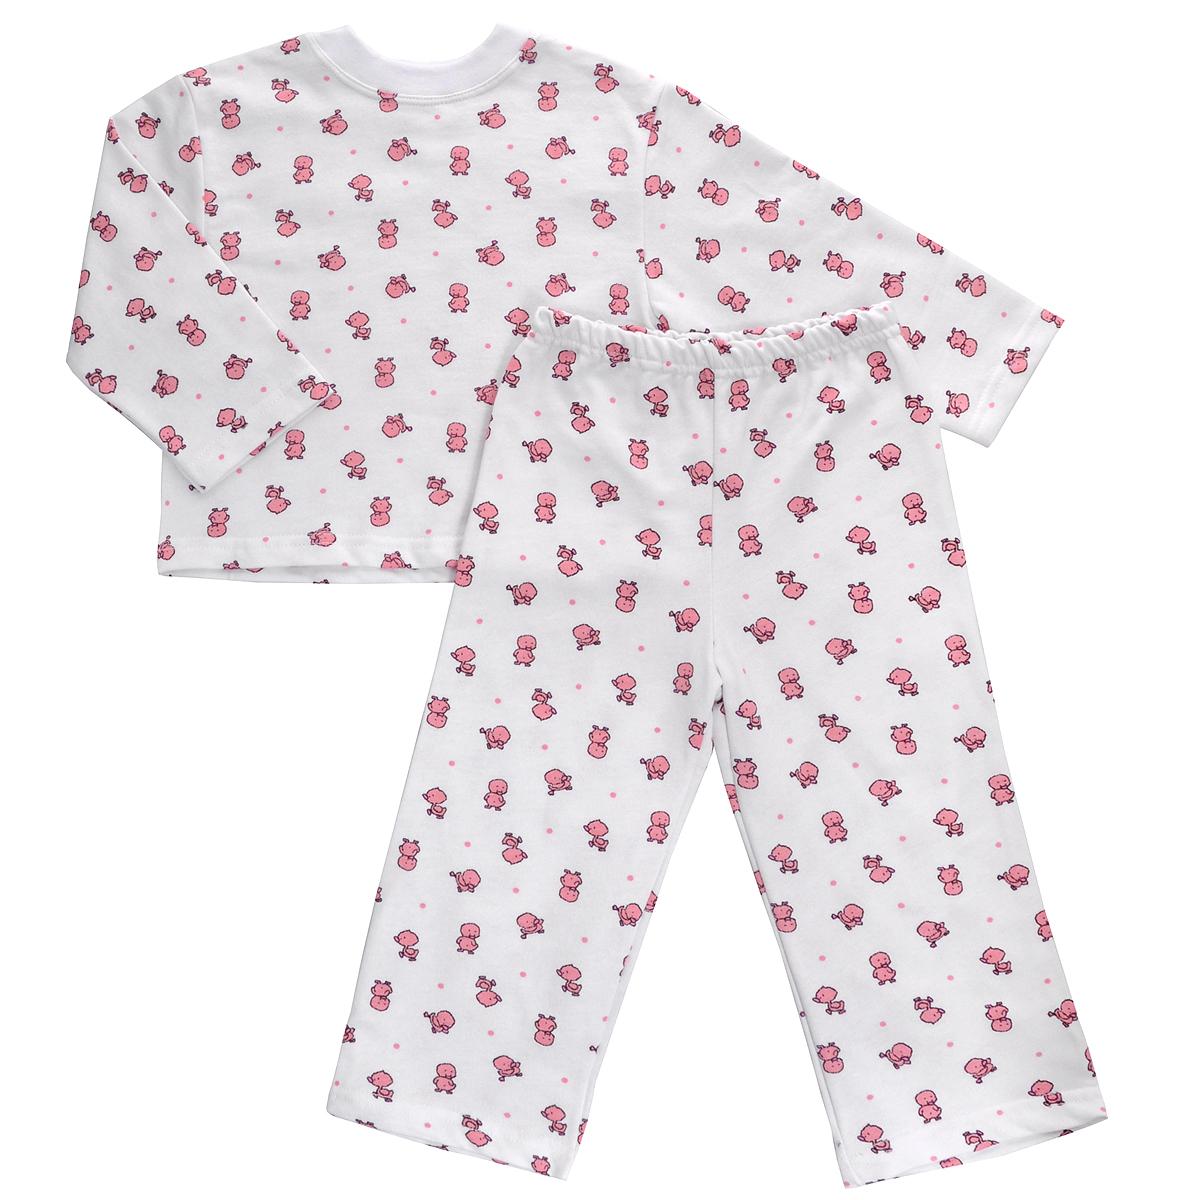 Пижама детская Трон-плюс, цвет: белый, розовый, рисунок утята. 5553. Размер 98/104, 3-5 лет5553Яркая детская пижама Трон-плюс, состоящая из кофточки и штанишек, идеально подойдет вашему малышу и станет отличным дополнением к детскому гардеробу. Теплая пижама, изготовленная из набивного футера - натурального хлопка, необычайно мягкая и легкая, не сковывает движения ребенка, позволяет коже дышать и не раздражает даже самую нежную и чувствительную кожу малыша. Кофта с длинными рукавами имеет круглый вырез горловины. Штанишки на удобной резинке не сдавливают животик ребенка и не сползают.В такой пижаме ваш ребенок будет чувствовать себя комфортно и уютно во время сна.